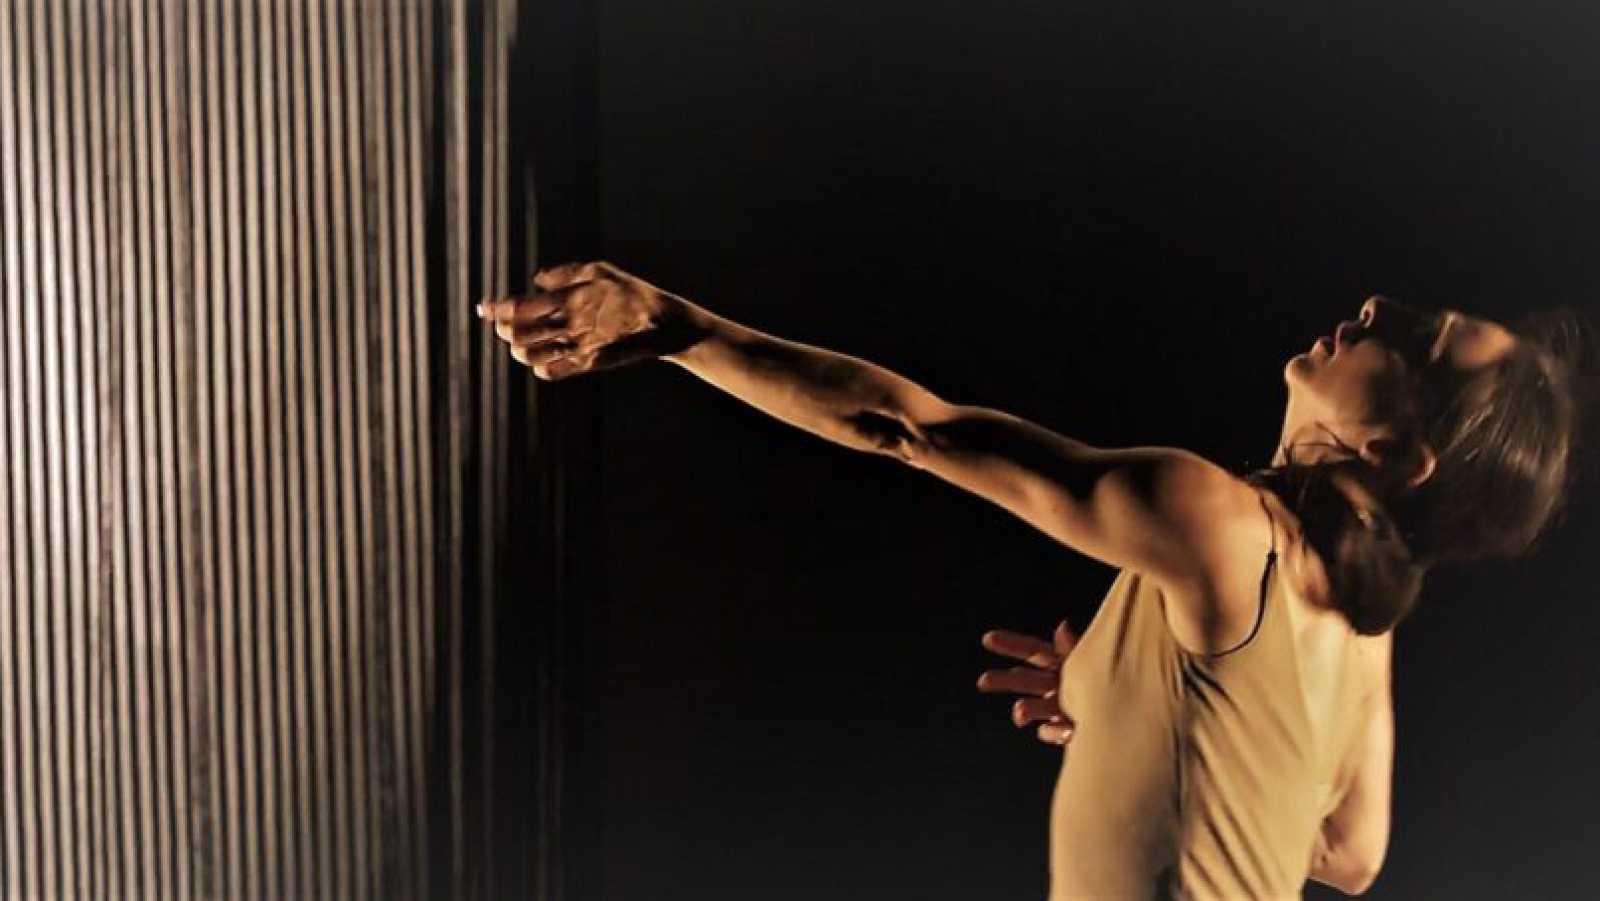 Artesfera - Pepa Sanz y José Merino resurgen renovados como Caminantes Danza - 26/11/20 - escuchar ahora